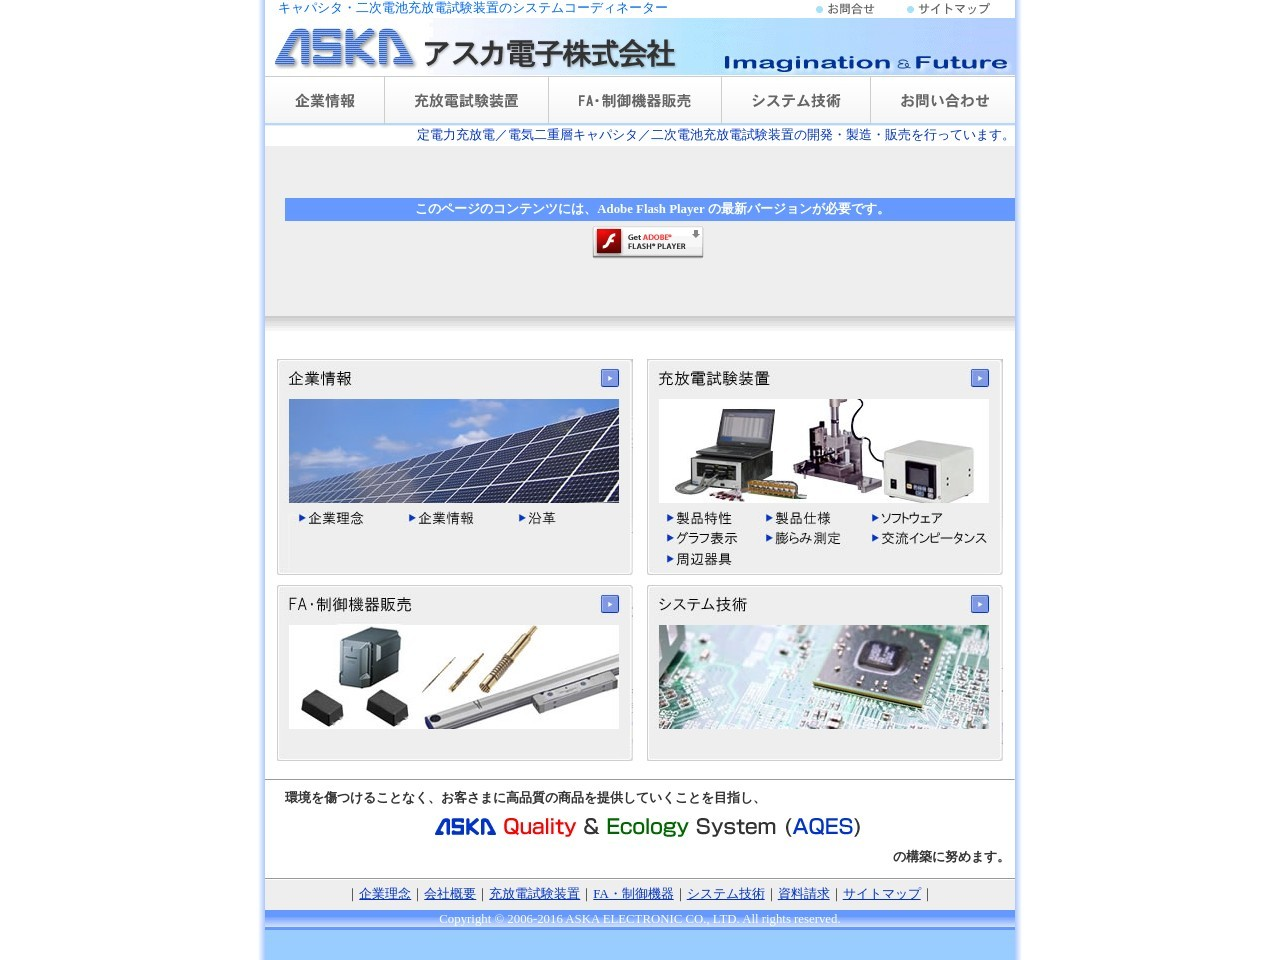 アスカ電子株式会社寒河江事業所